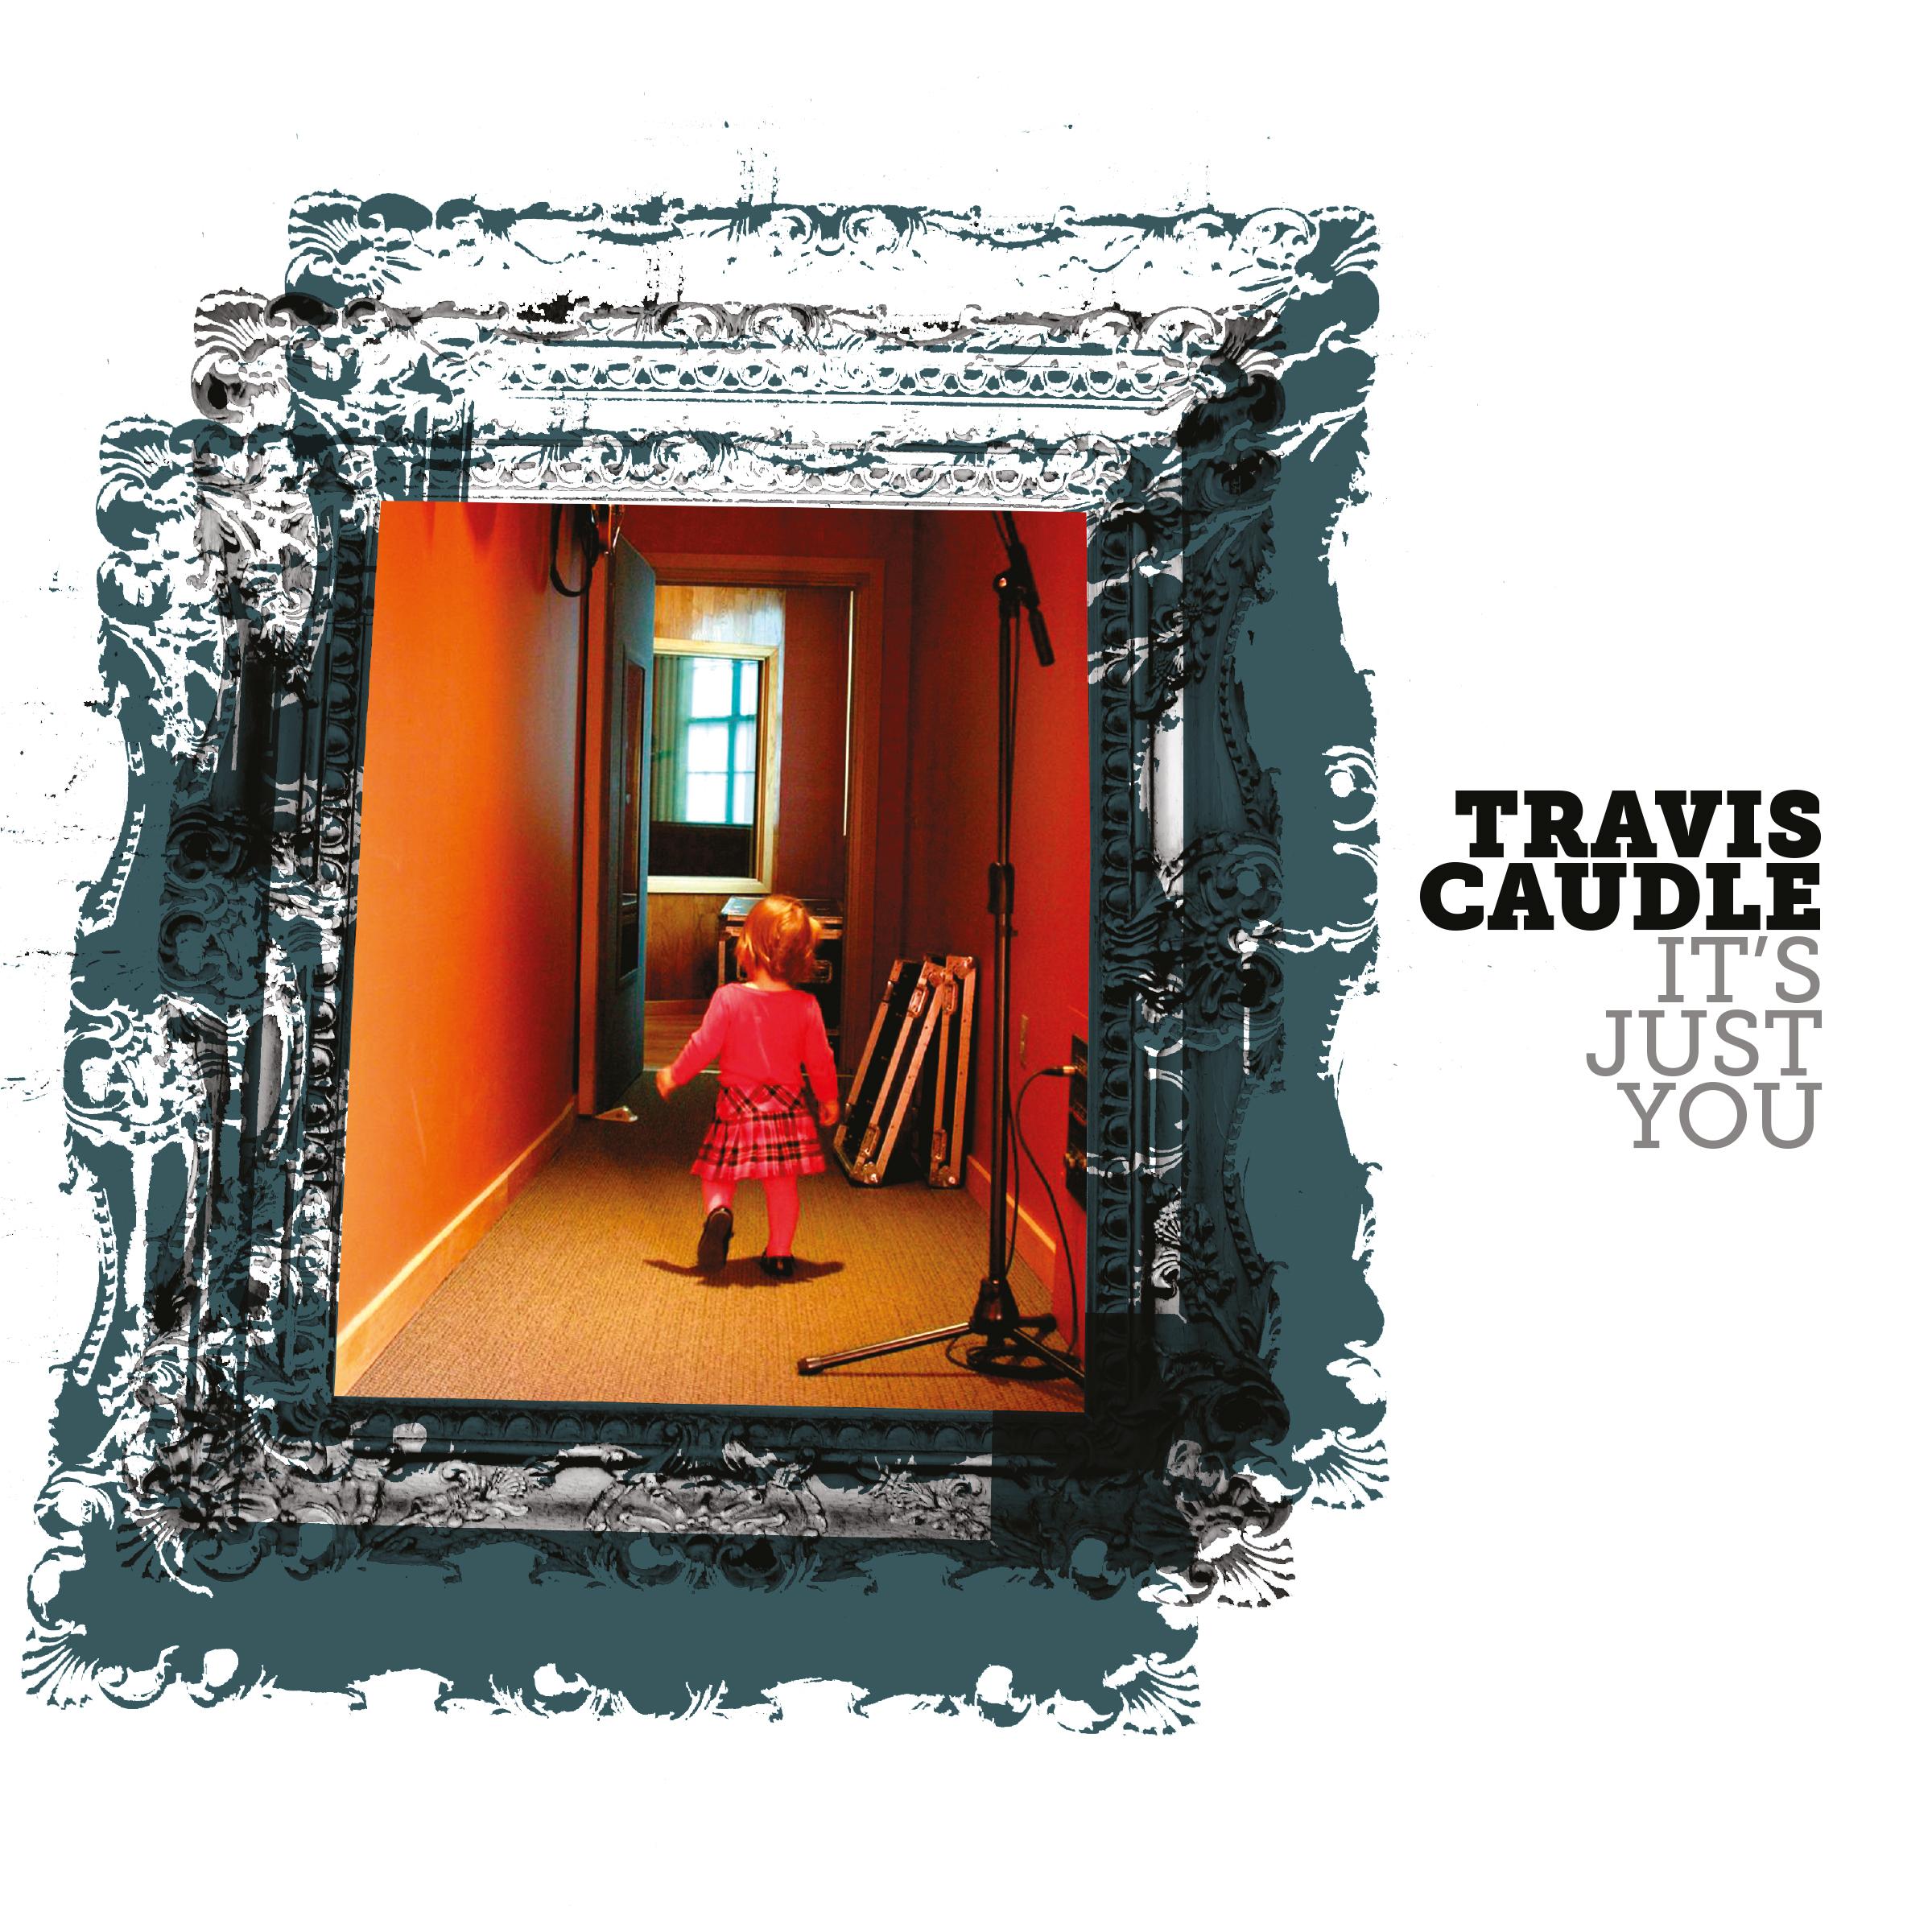 3575FIIX-TravisCaudle-iTunes-2400x2400